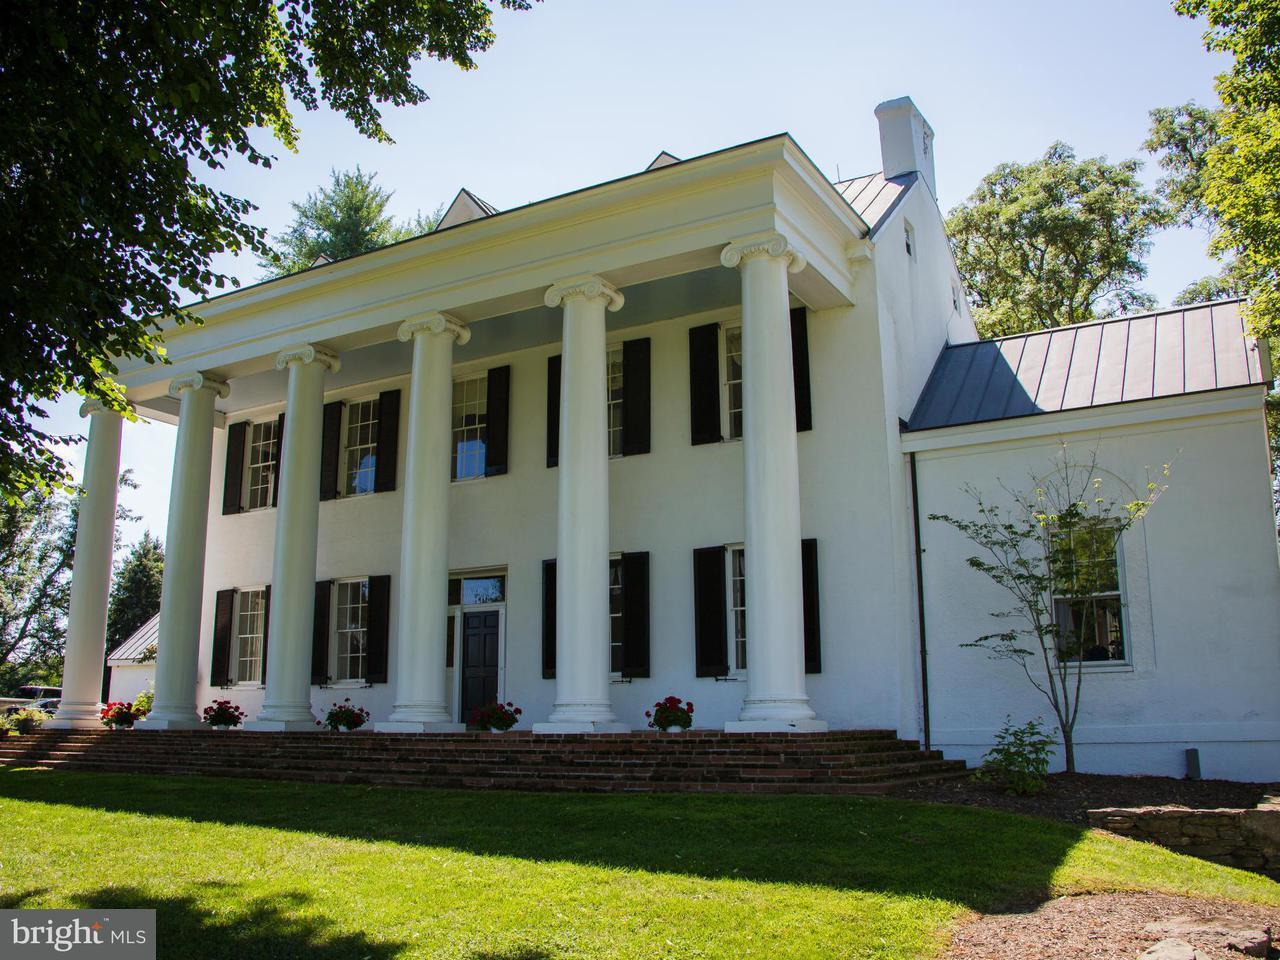 Farm / Hof für Verkauf beim 3188 ROUTE 97 3188 ROUTE 97 Glenwood, Maryland 21738 Vereinigte Staaten